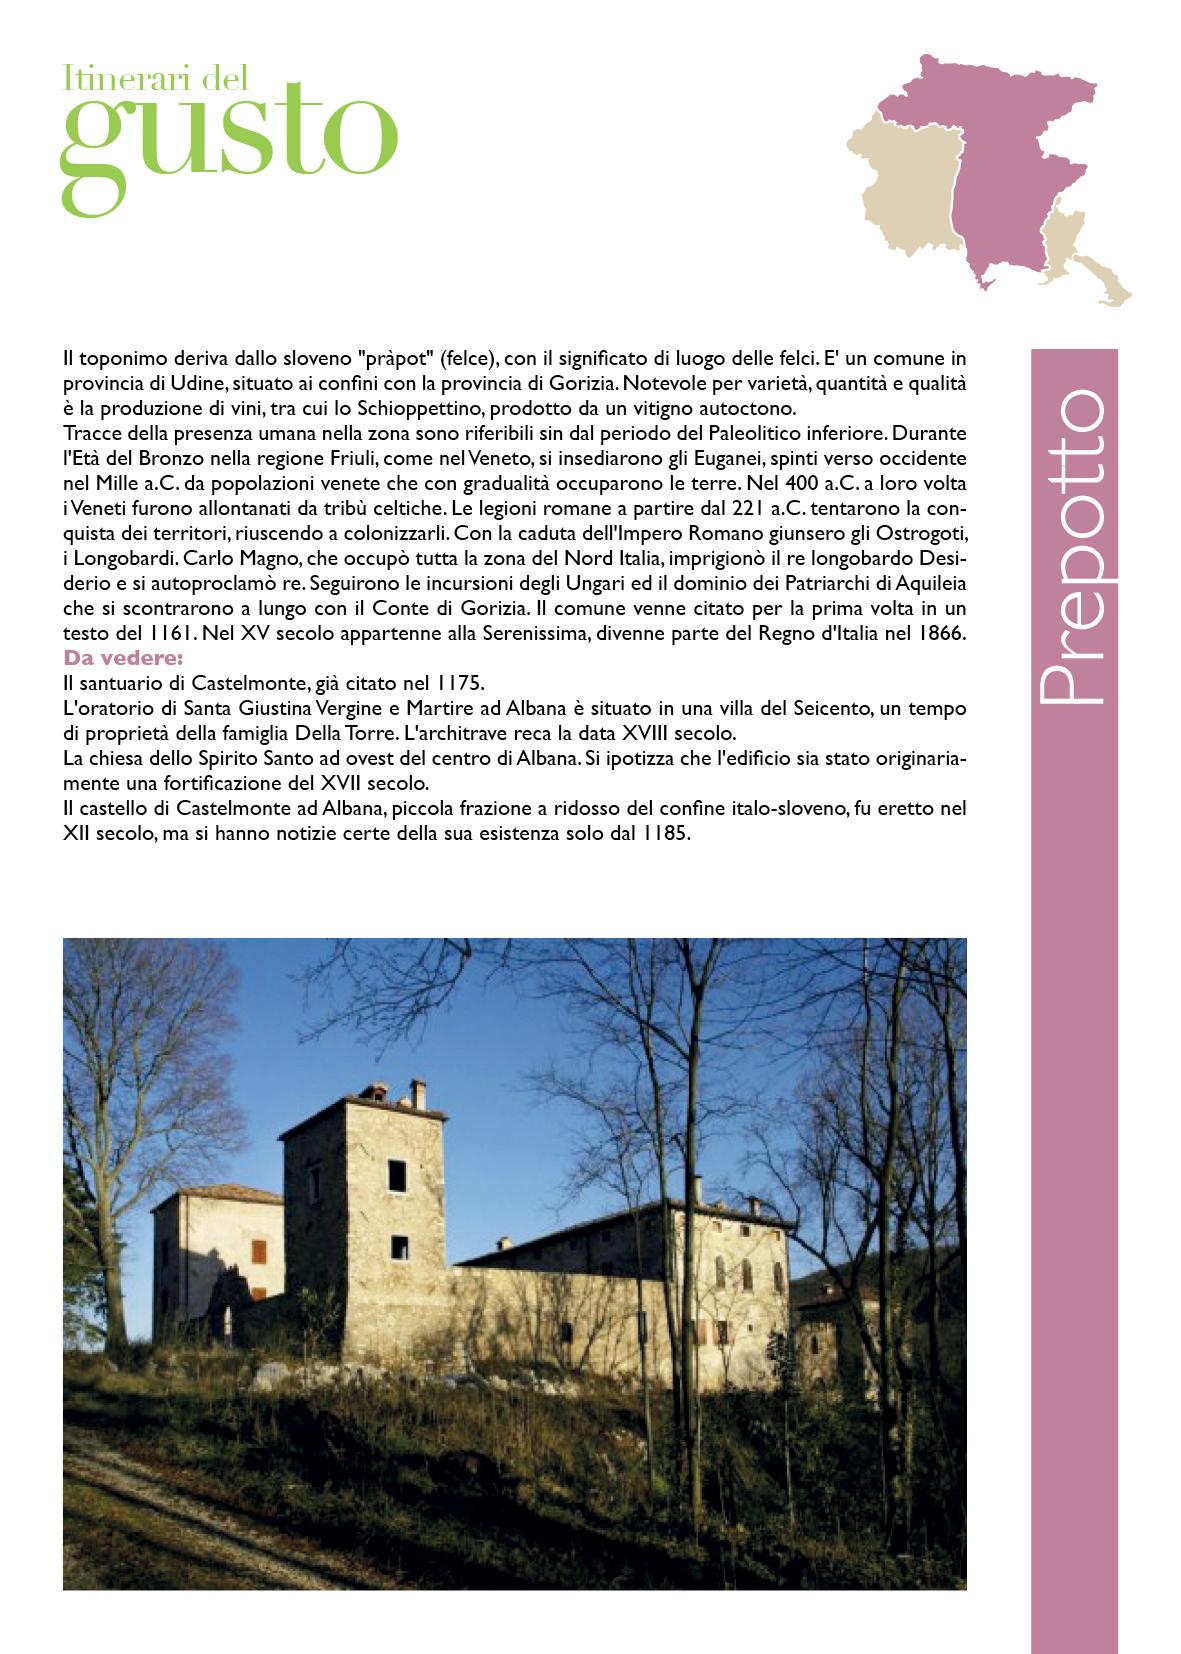 ITINERARI DEL GUSTO 2018-19 pagine singole38